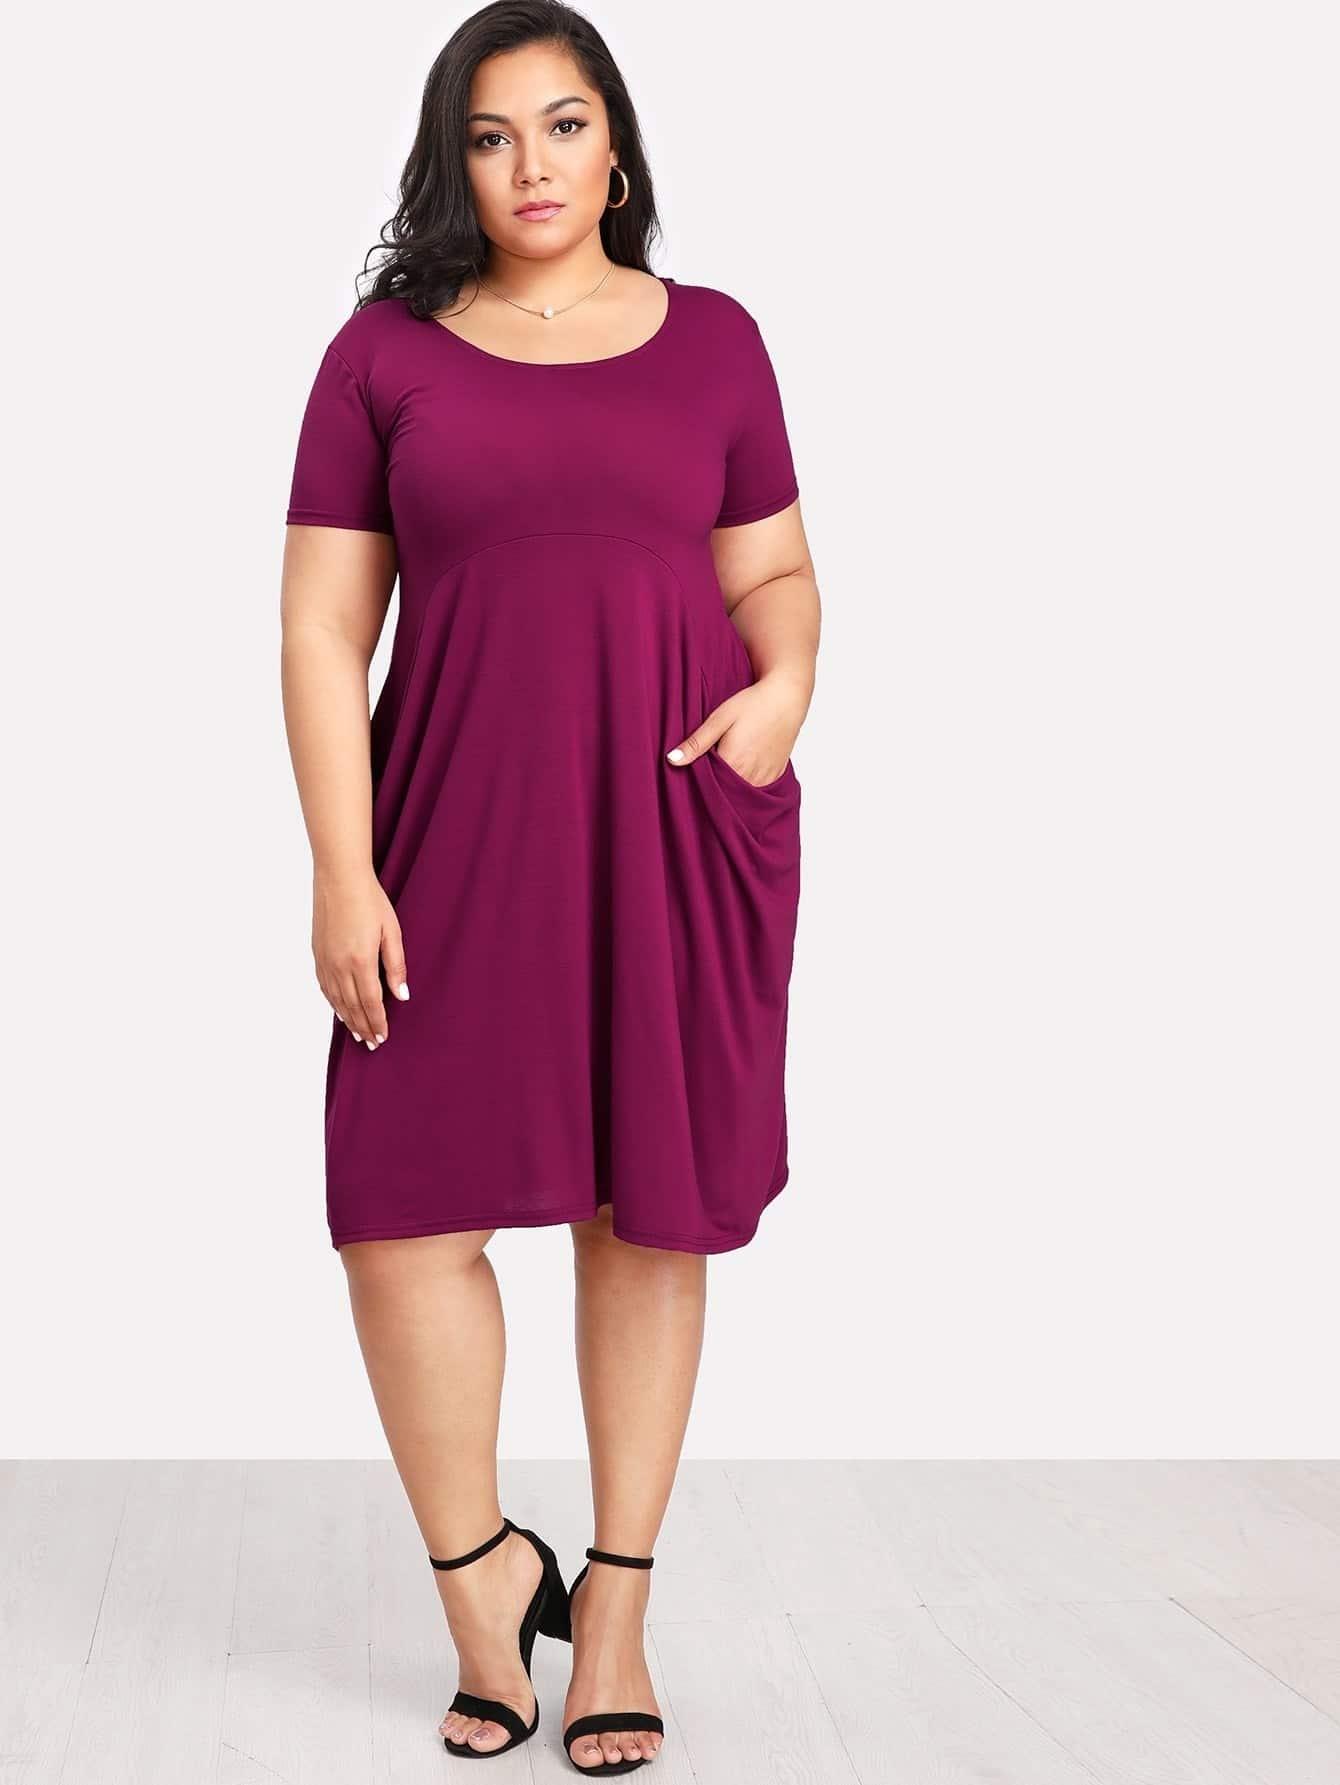 Pocket Side Dress